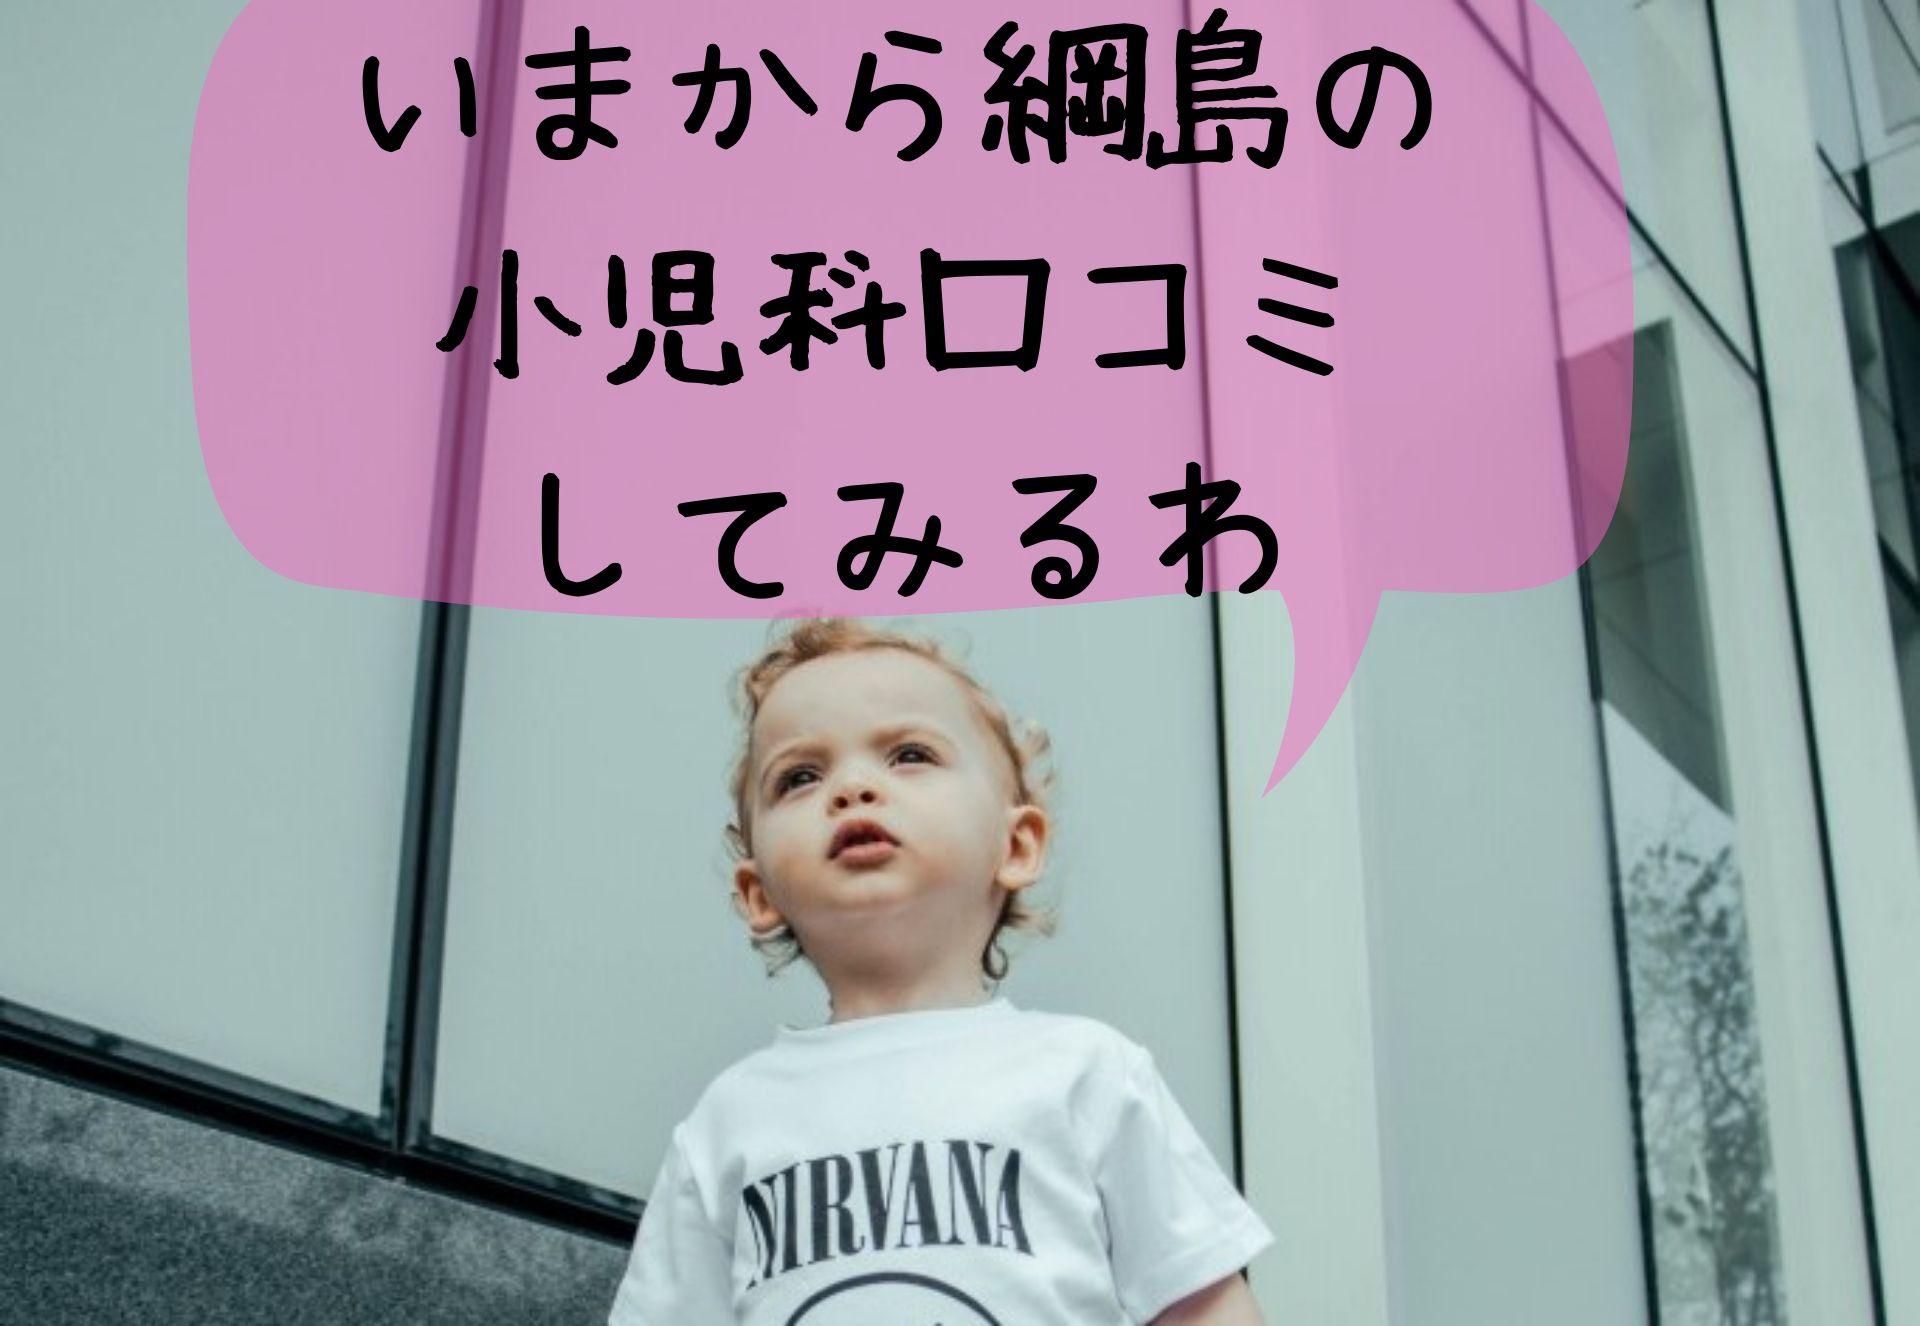 綱島の小児科おすすめは?口コミ